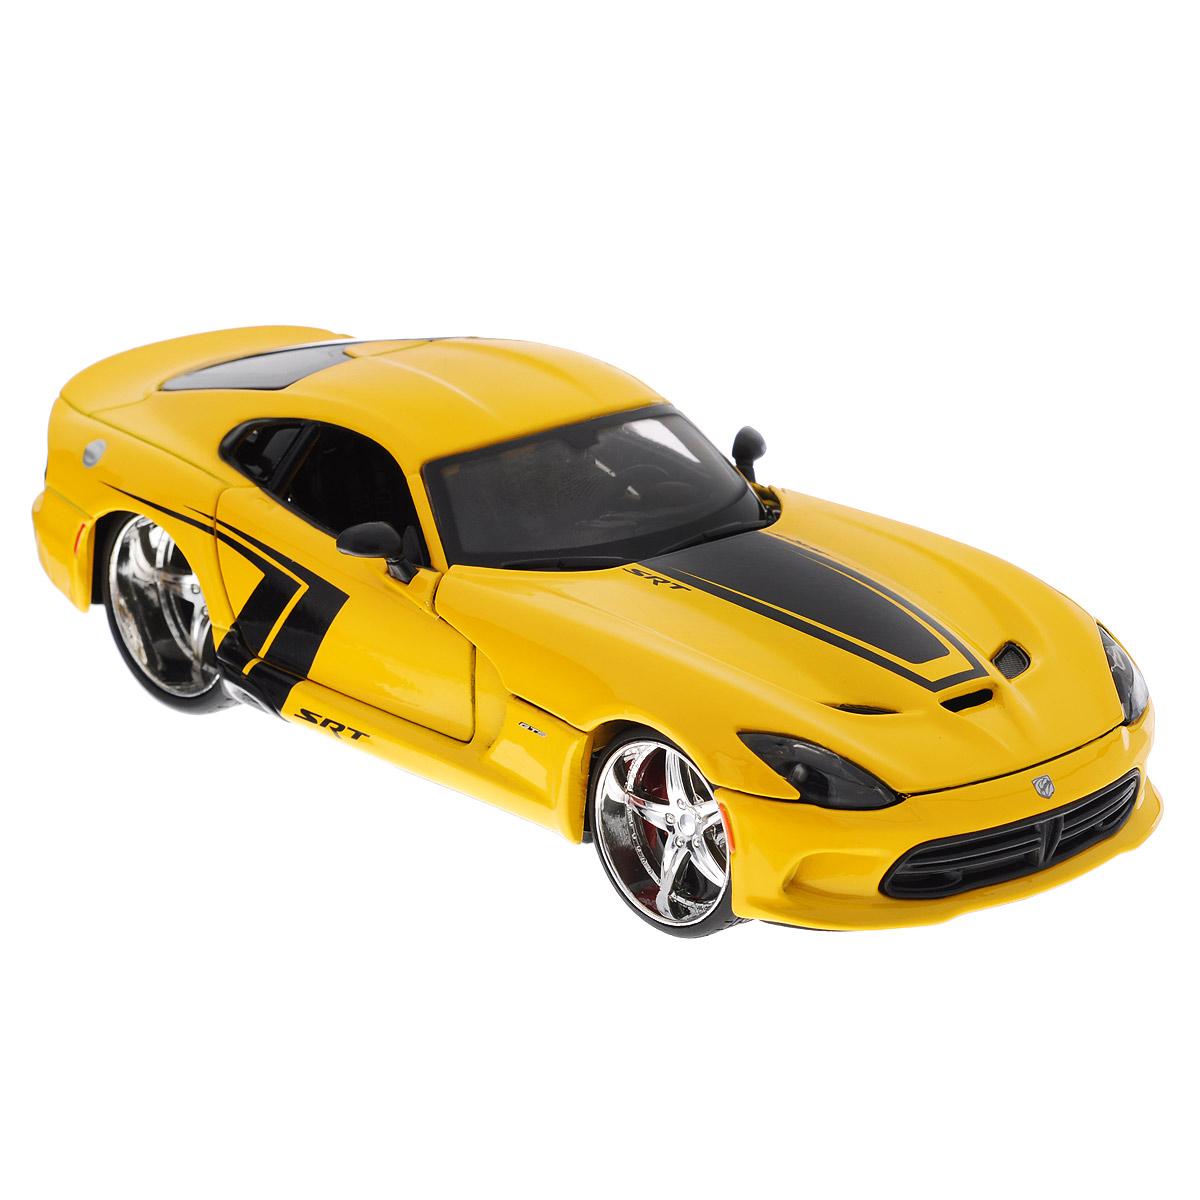 Коллекционная модель Maisto Dodge SRT Viper GTS 2013, цвет: желтый. Масштаб 1/2431363Коллекционная модель Maisto Dodge SRT Viper GTS 2013 - миниатюрная копия настоящего автомобиля. Стильная модель автомобиля привлечет к себе внимание не только детей, но и взрослых. Модель имеет литой металлический корпус с высокой детализацией двигателя, интерьера салона, дисков, протекторов, выхлопной системы, оснащена колесами из мягкой резины. У машинки открываются дверцы и капот. Игрушка в точности повторяет модель оригинальной техники, подробная детализация в полной мере позволит вам оценить высокую точность копии этой машины! Такая модель станет отличным подарком не только любителю автомобилей, но и человеку, ценящему оригинальность и изысканность, а качество исполнения представит такой подарок в самом лучшем свете.